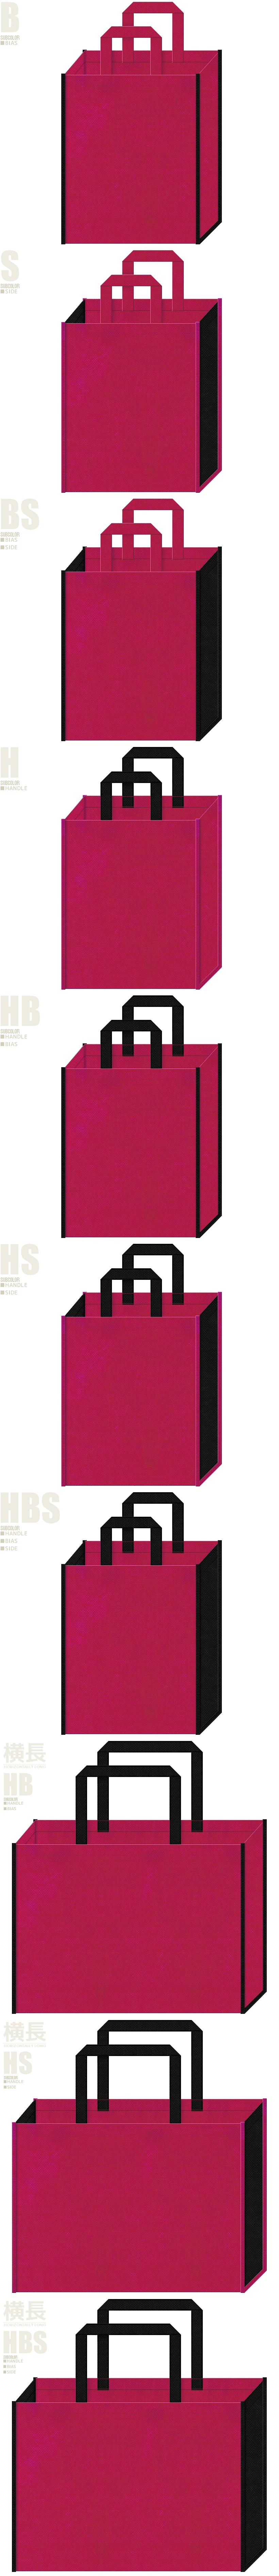 コスメ・香水・ネイル・ハイヒール・ブーツ・靴・魔法使い・占い・ウィッグ・コスプレイベントにお奨めの不織布バッグデザイン:濃いピンク色と黒色の配色7パターン